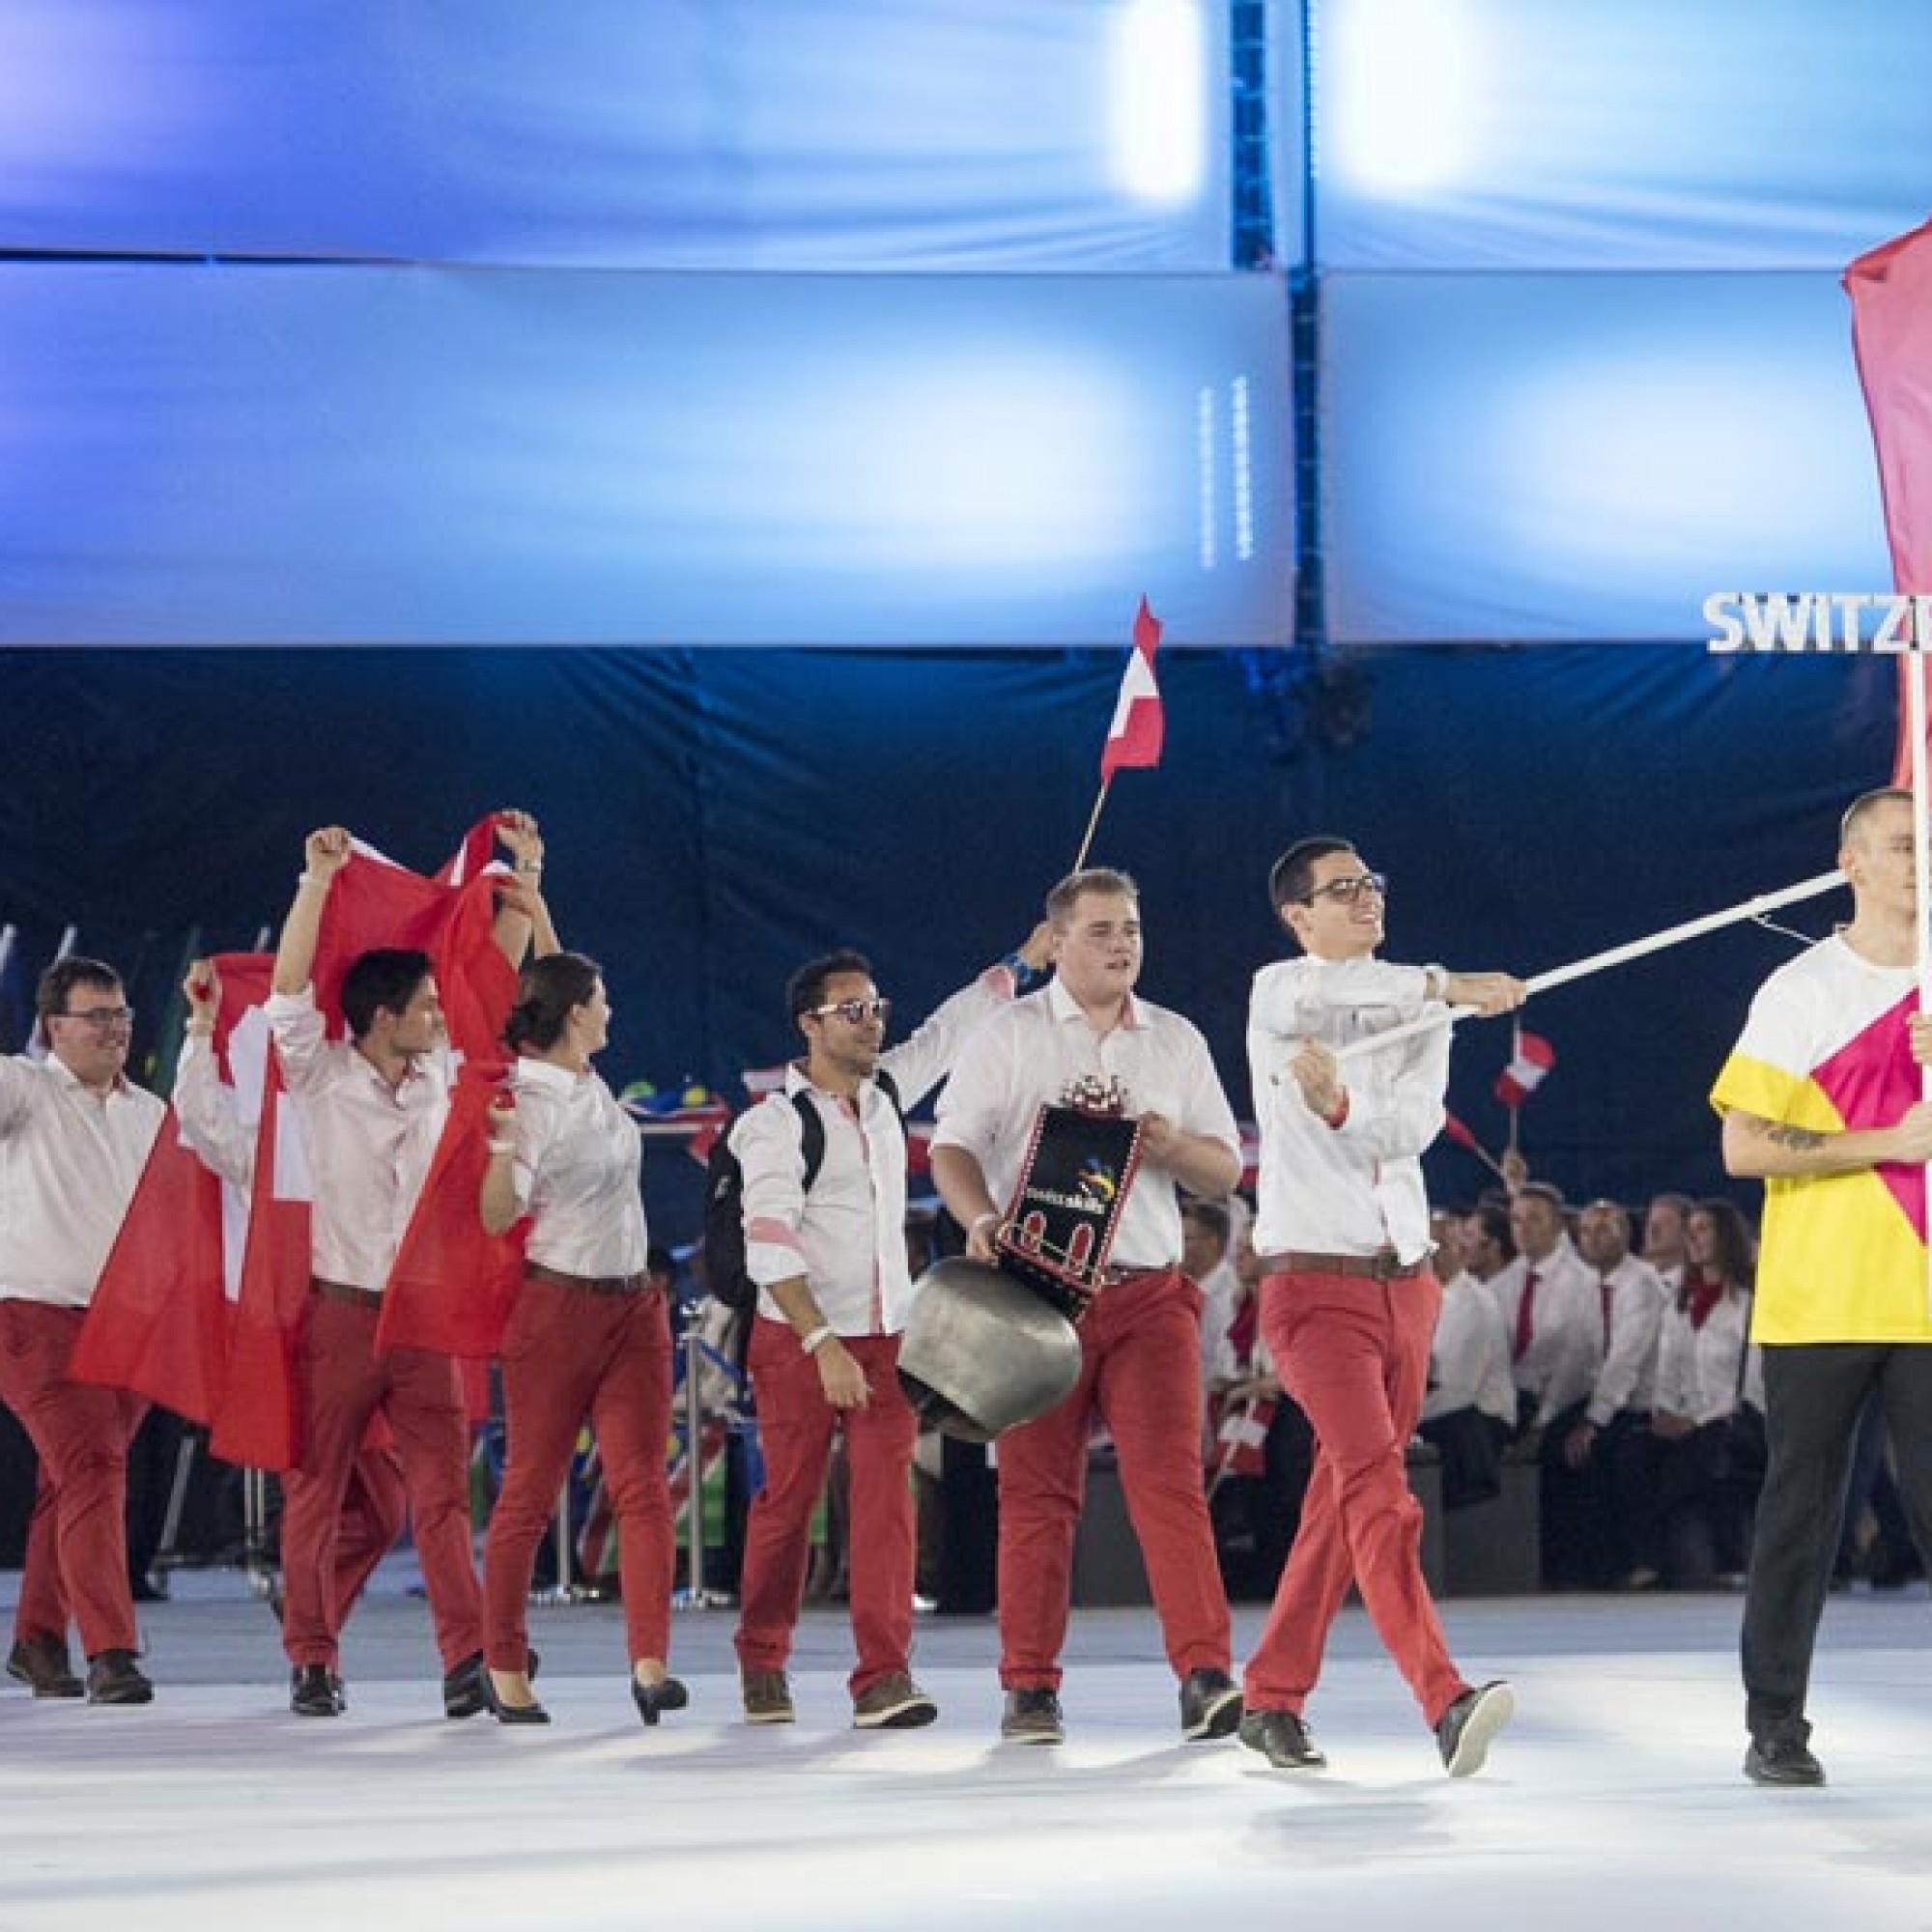 Einmarsch des Schweizer Teams zur Eröffnungsveranstaltung.